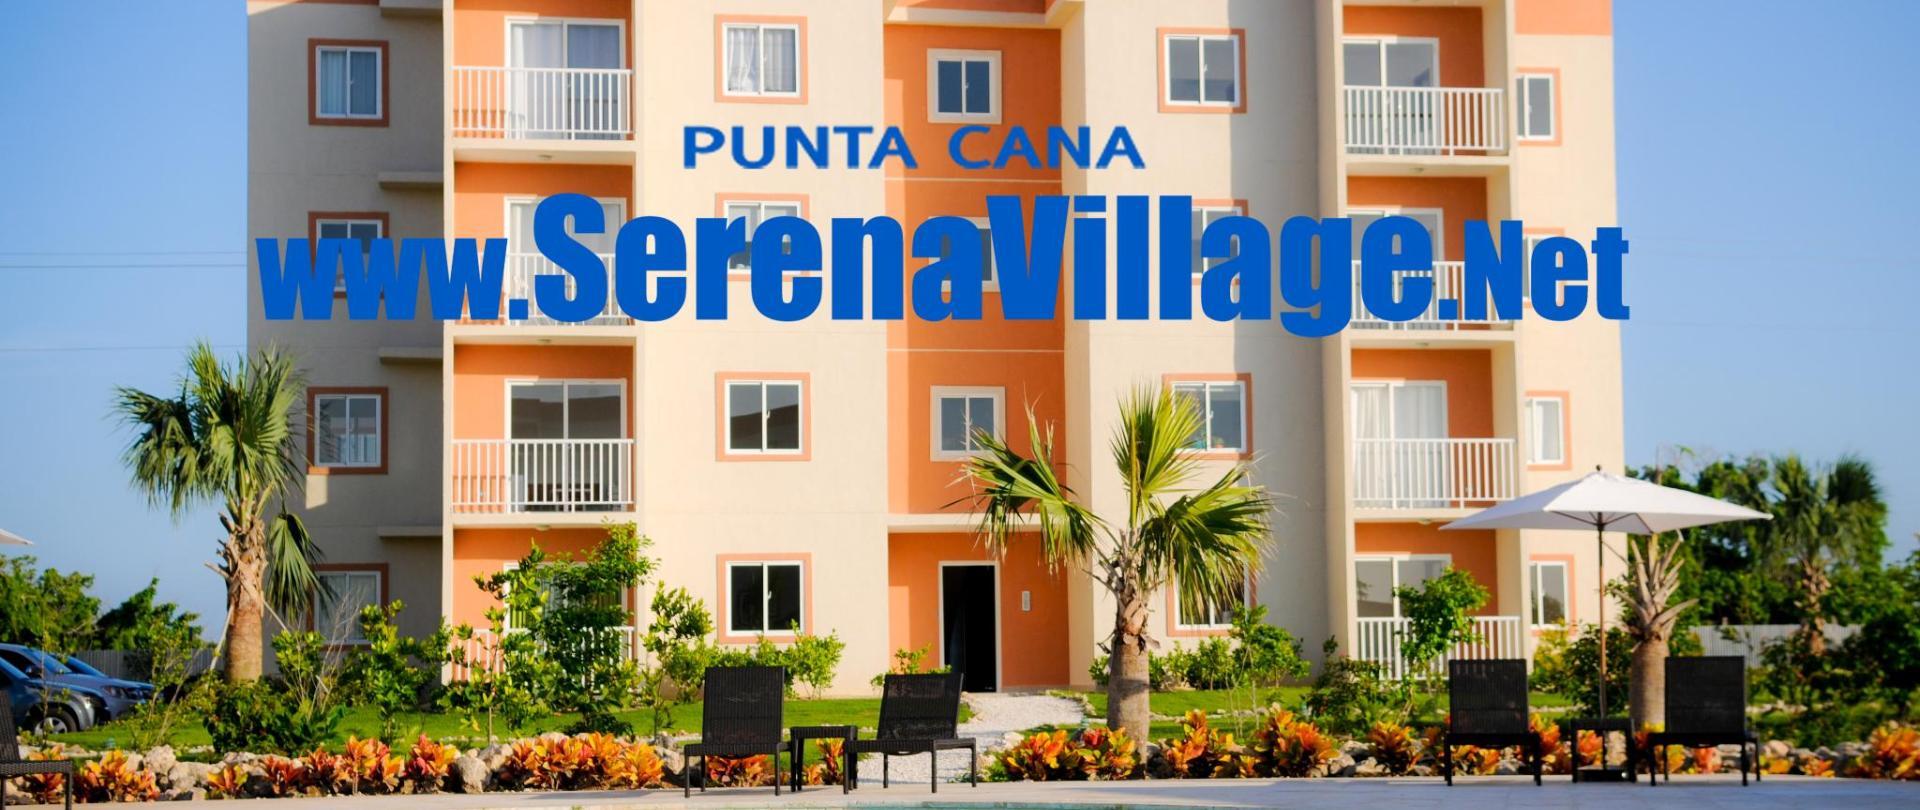 SerenaVillage-PuntaCana.jpg